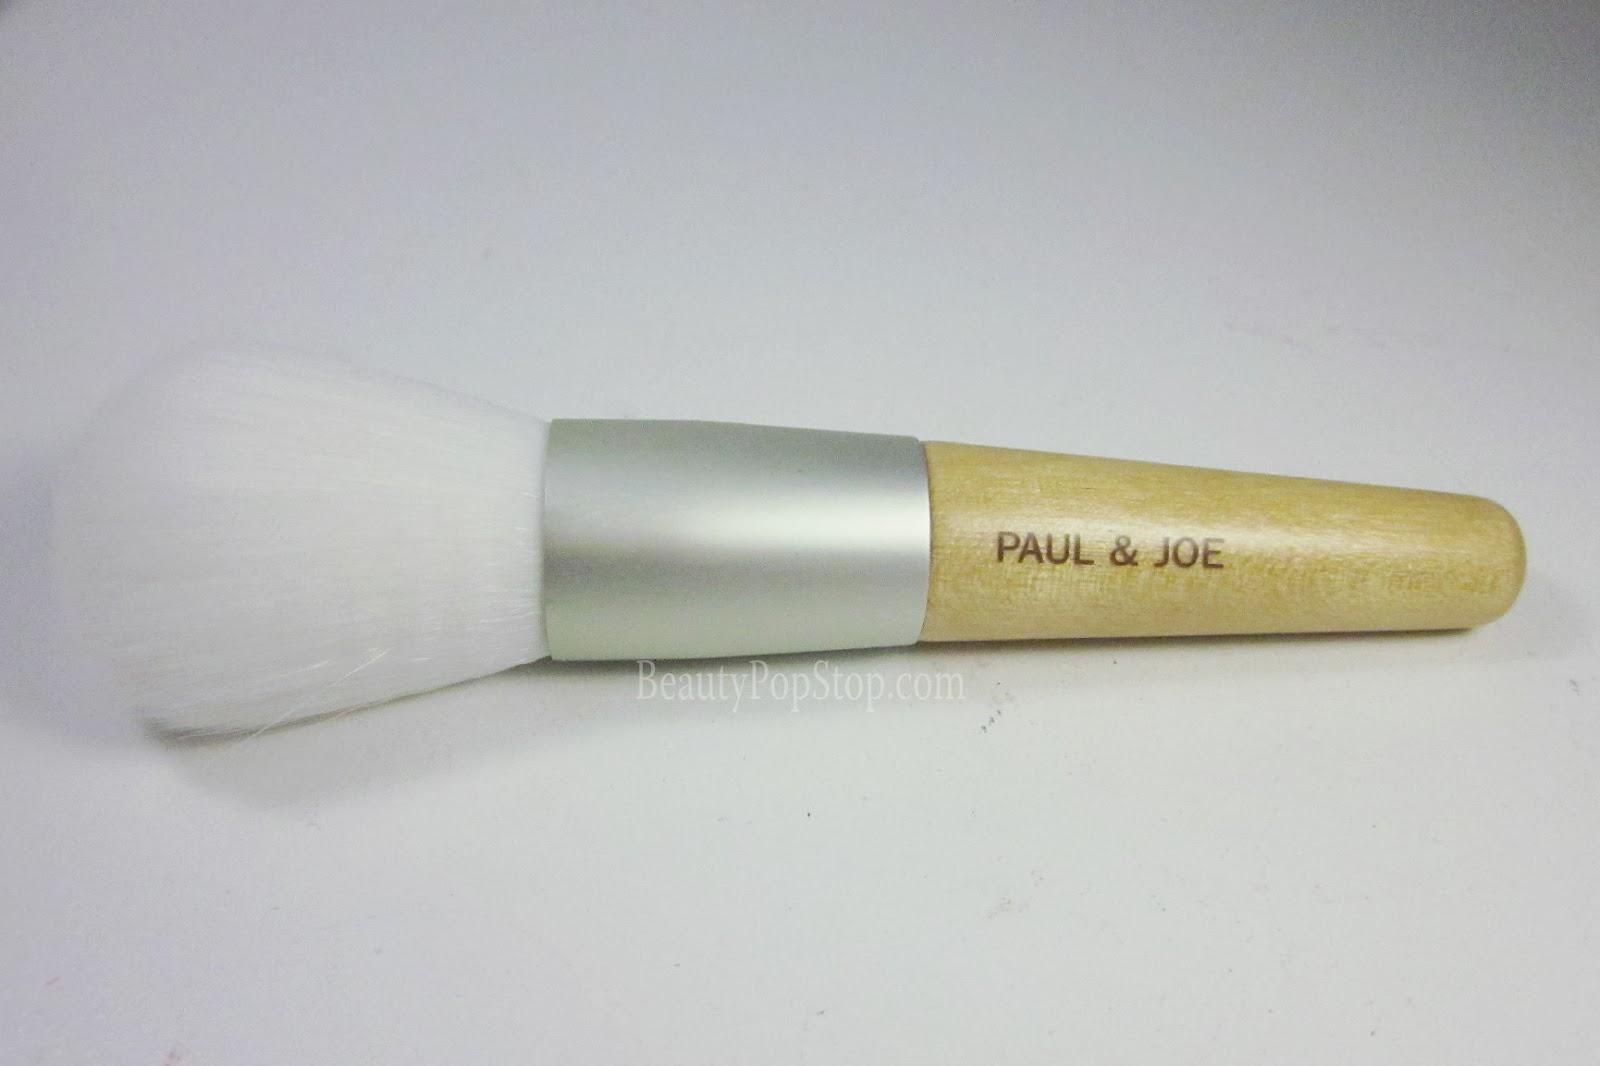 paul and joe spring 2014 powder brush review